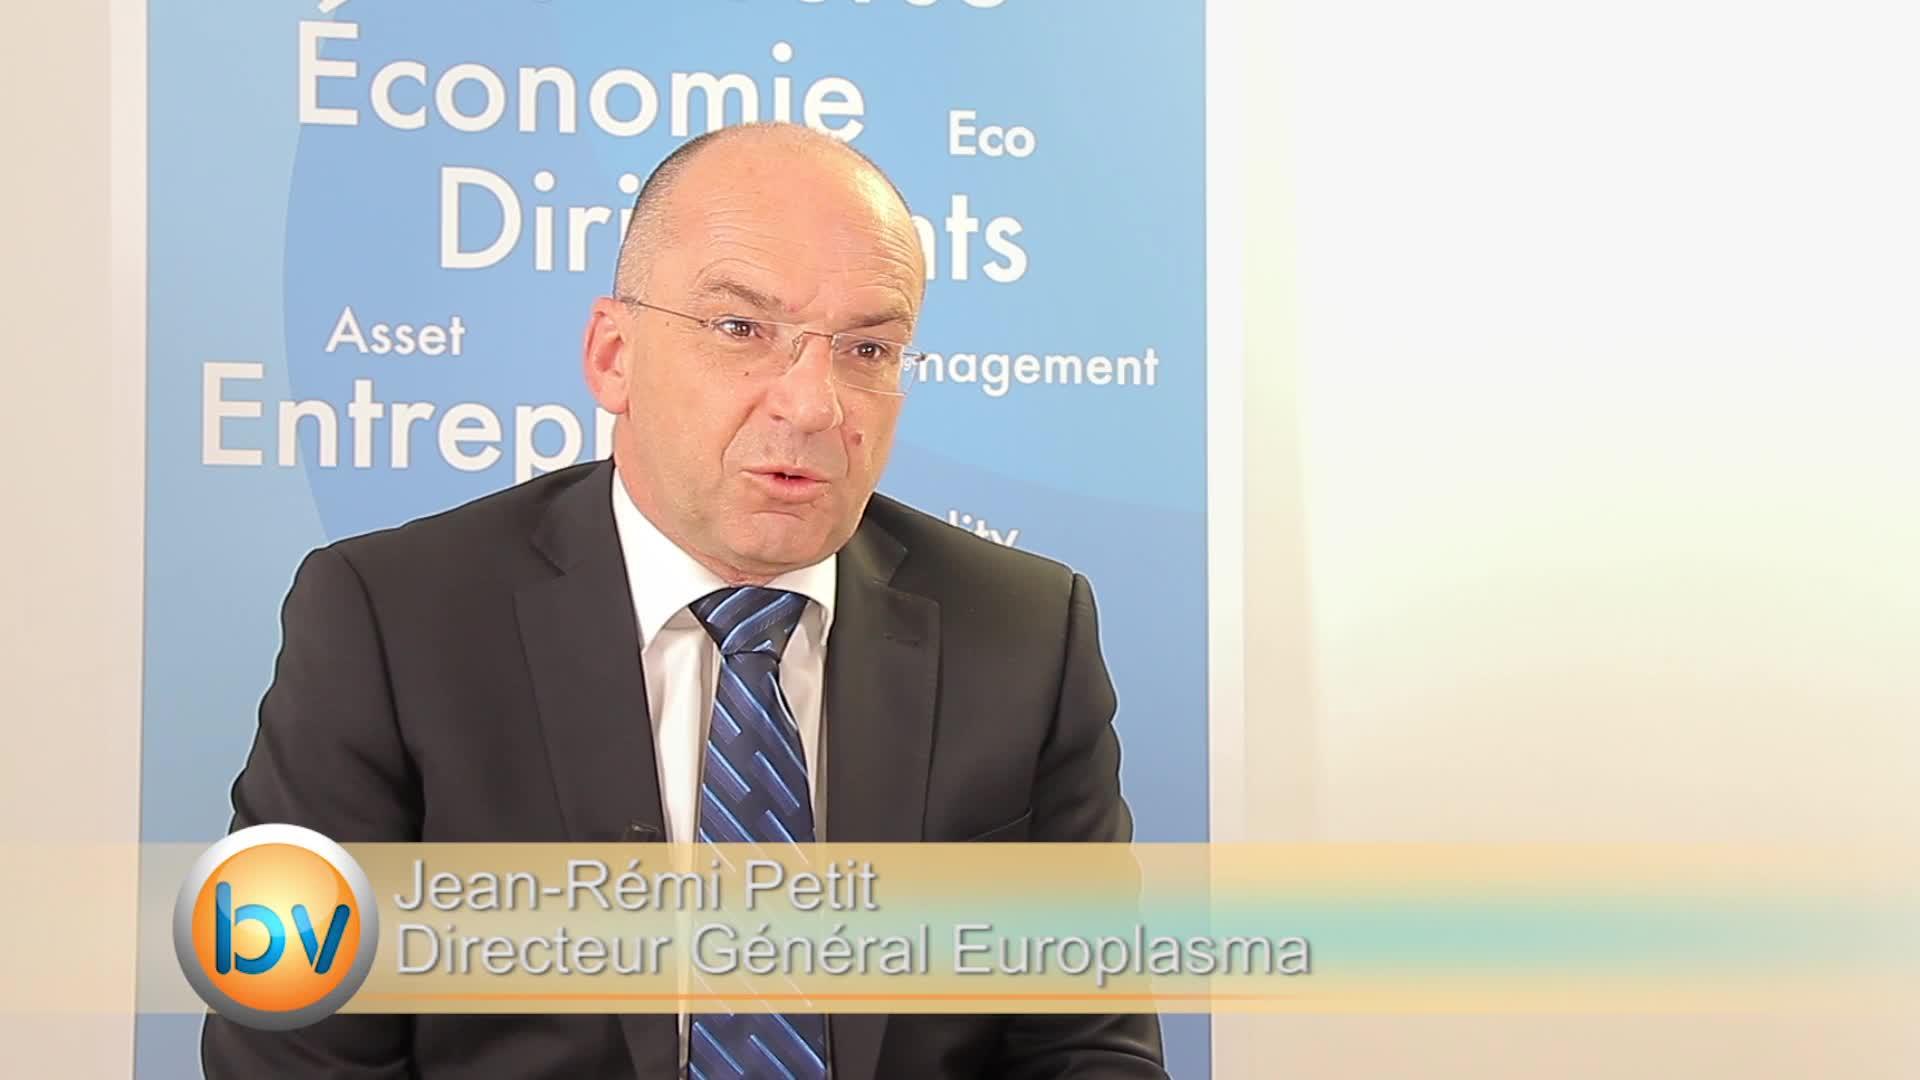 """Jean-Eric Petit Directeur Général Europlasma : """"Aujourd'hui, je suis beaucoup plus serein que je ne l'étais l'année dernière à la même époque"""" : Après une année 2014 consacrée à une importante restructuration financière et opérationnelle"""